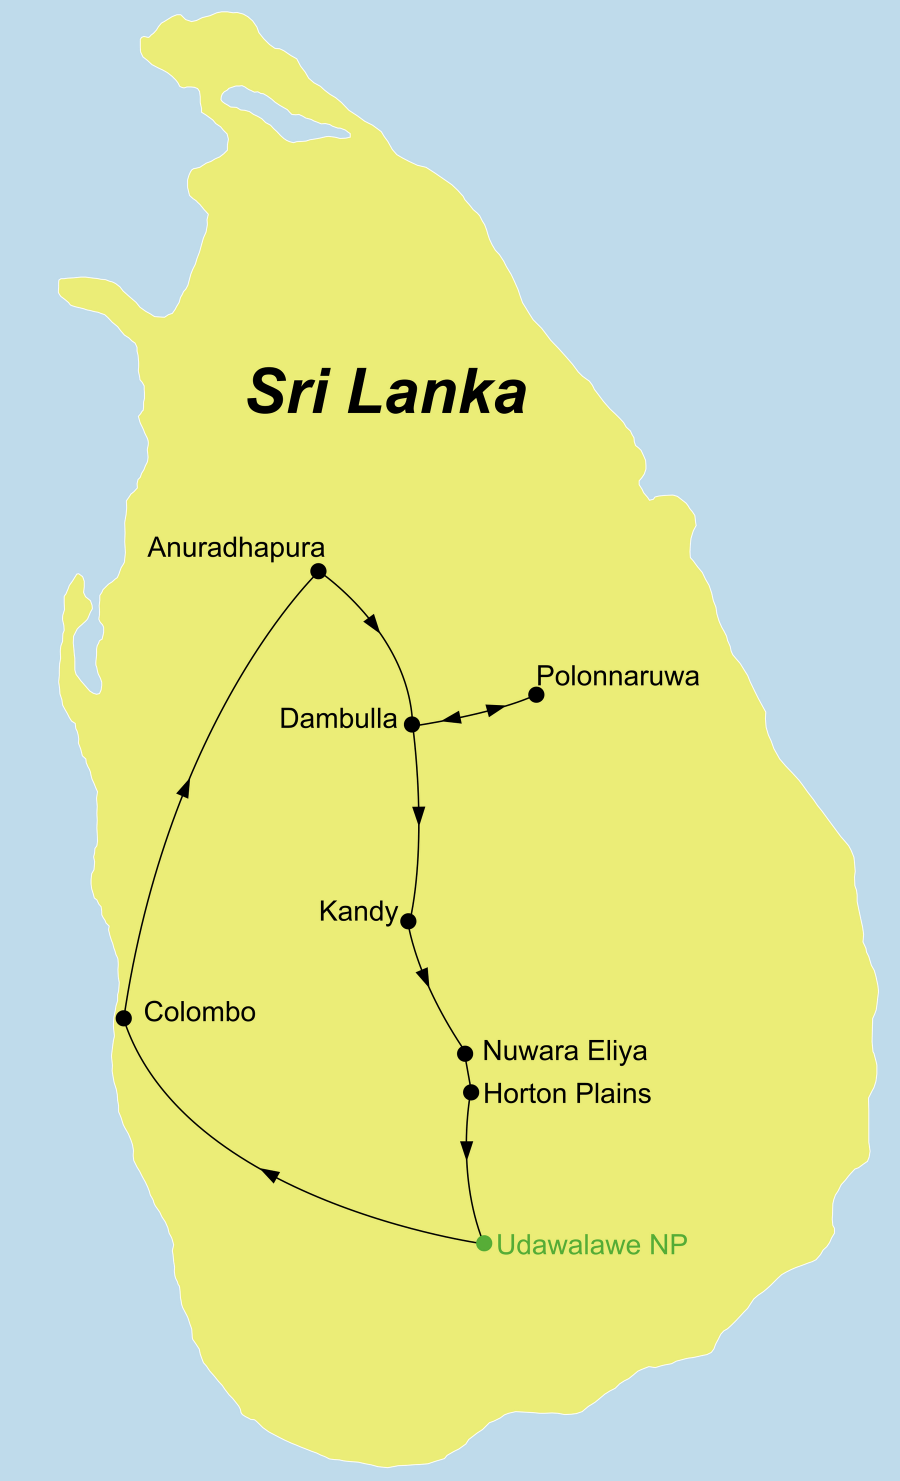 Die Rundreise Perle im indischen Ozean führt von Colombo nach Anuradhapura über Polonnaruwa und Kandy zum Udawalawe Nationalpark